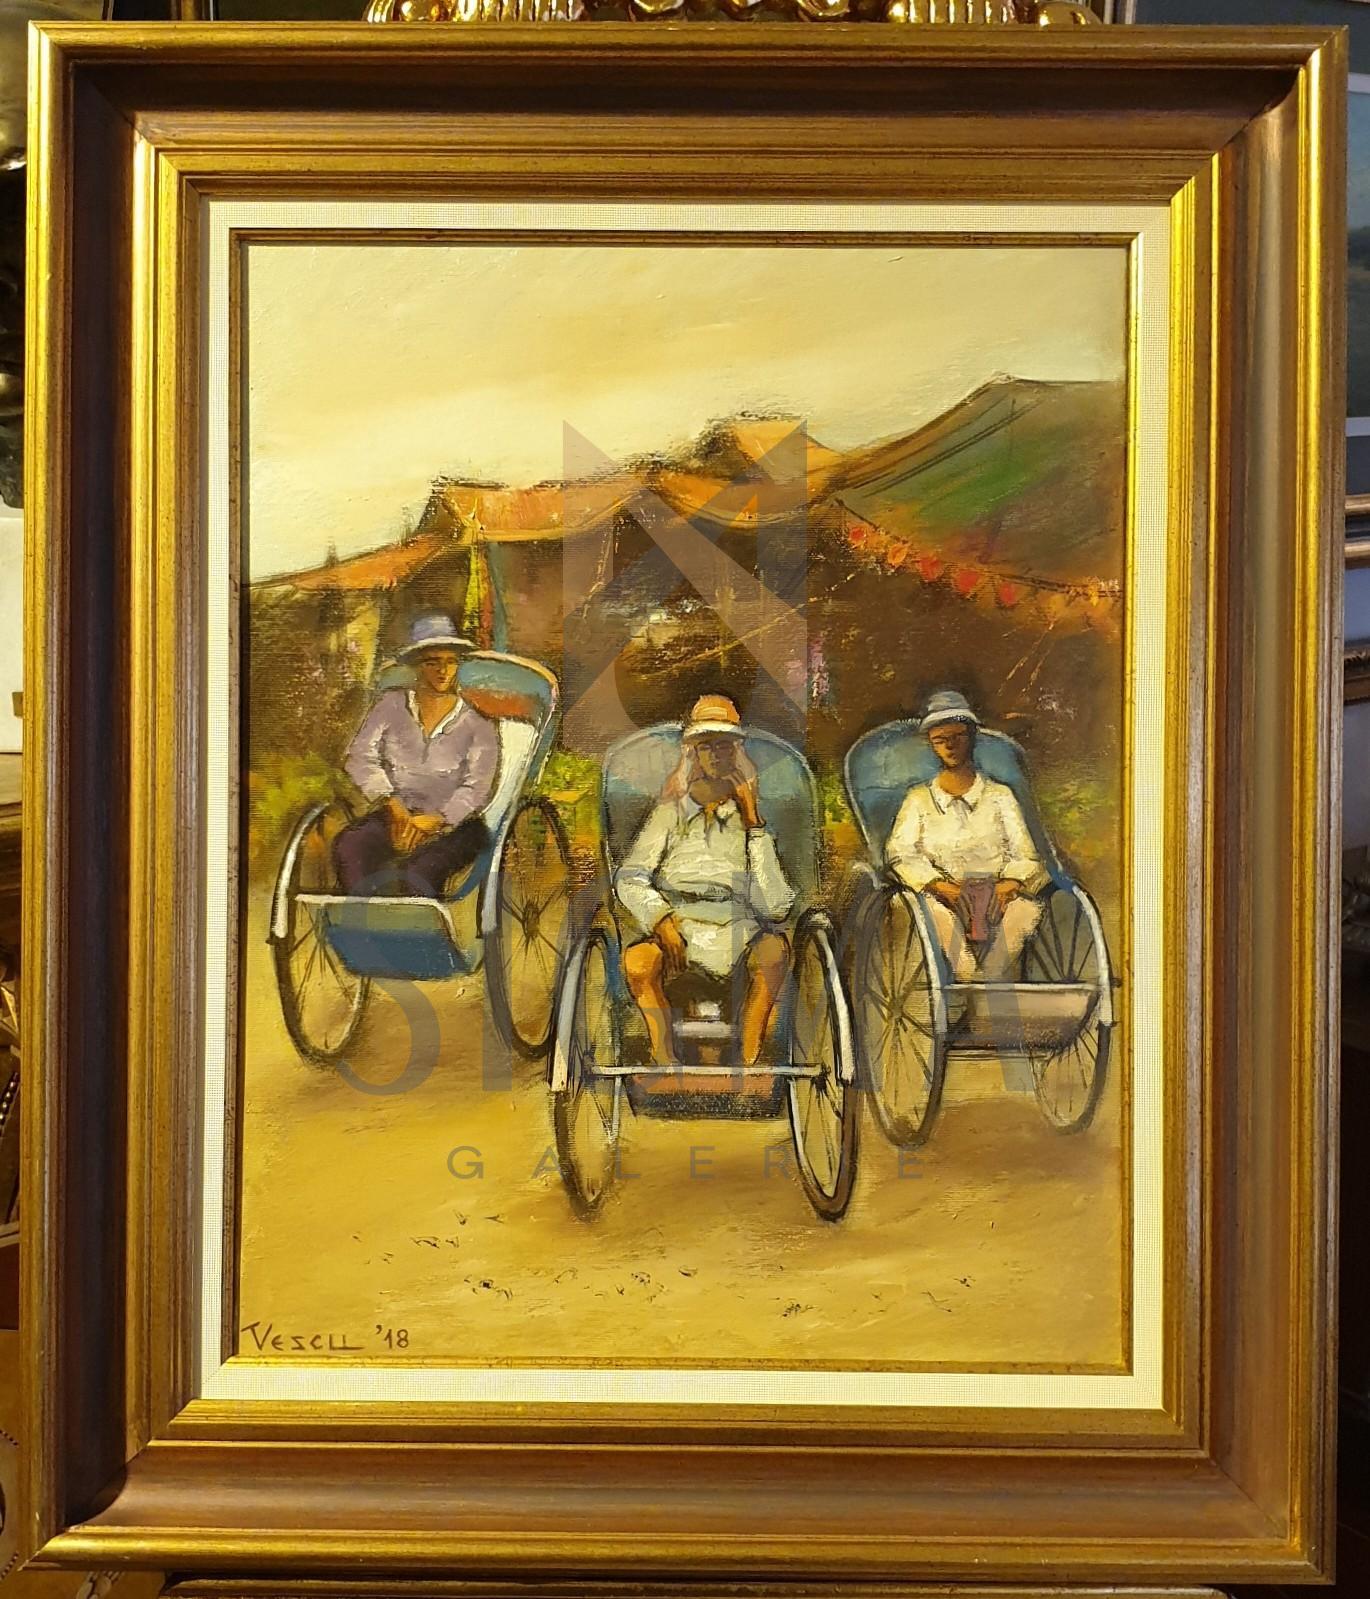 """Tablou, Teodor Vescu, """"Riese din Phnom Penh, Cambodgia"""", ulei pe panza, dim:50x40  cm,"""